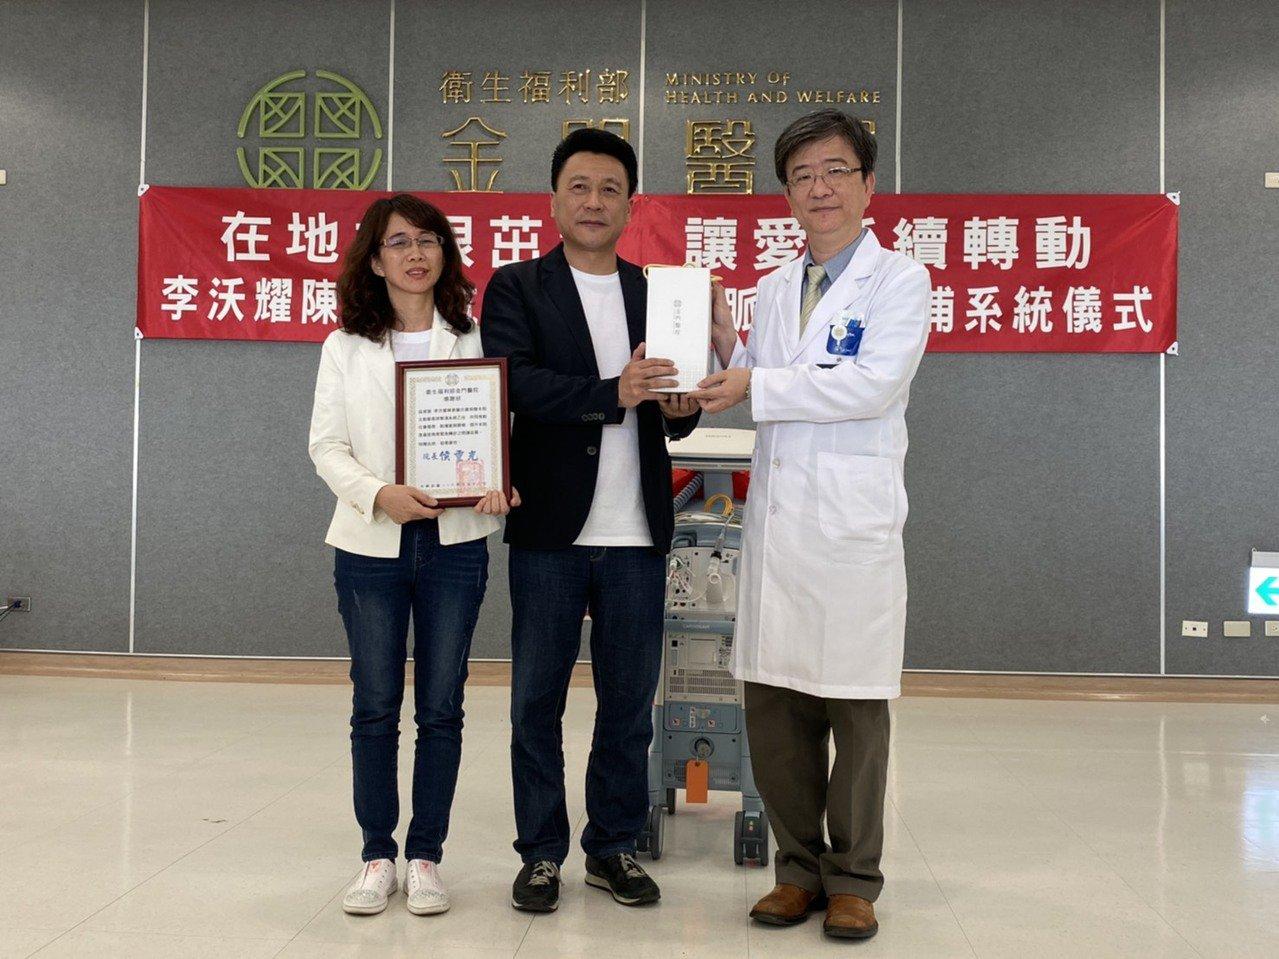 環遊國際旅行社董事長李沃耀(中)、陳素蘭(左)夫婦今天捐贈金門醫院1台主動脈氣球...